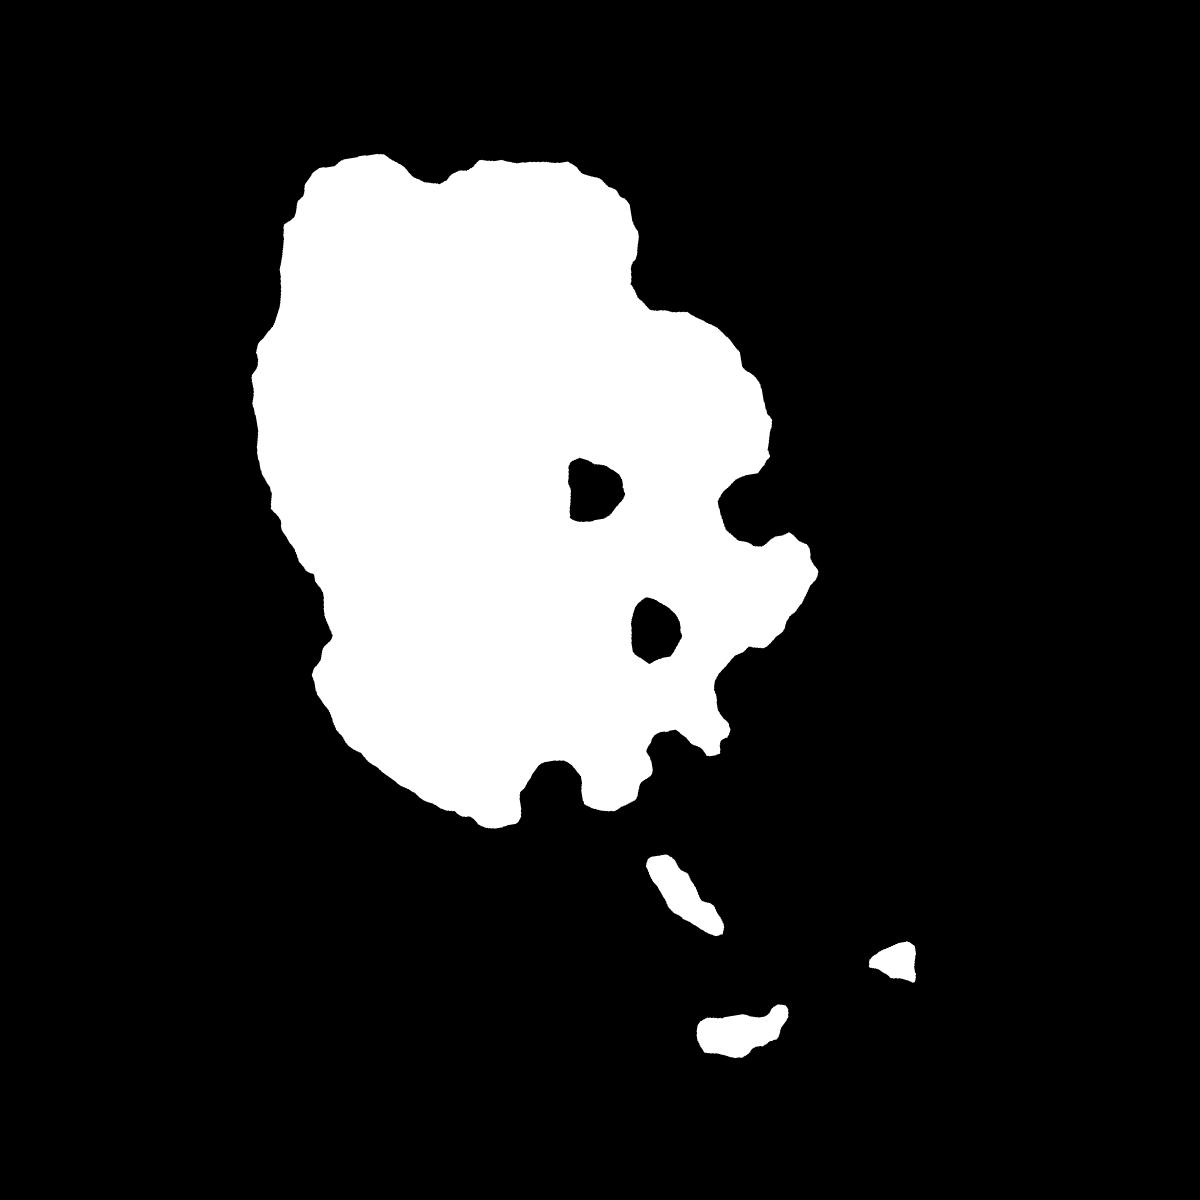 骨つきチキンのイラスト / Bone-in chicken Illustration